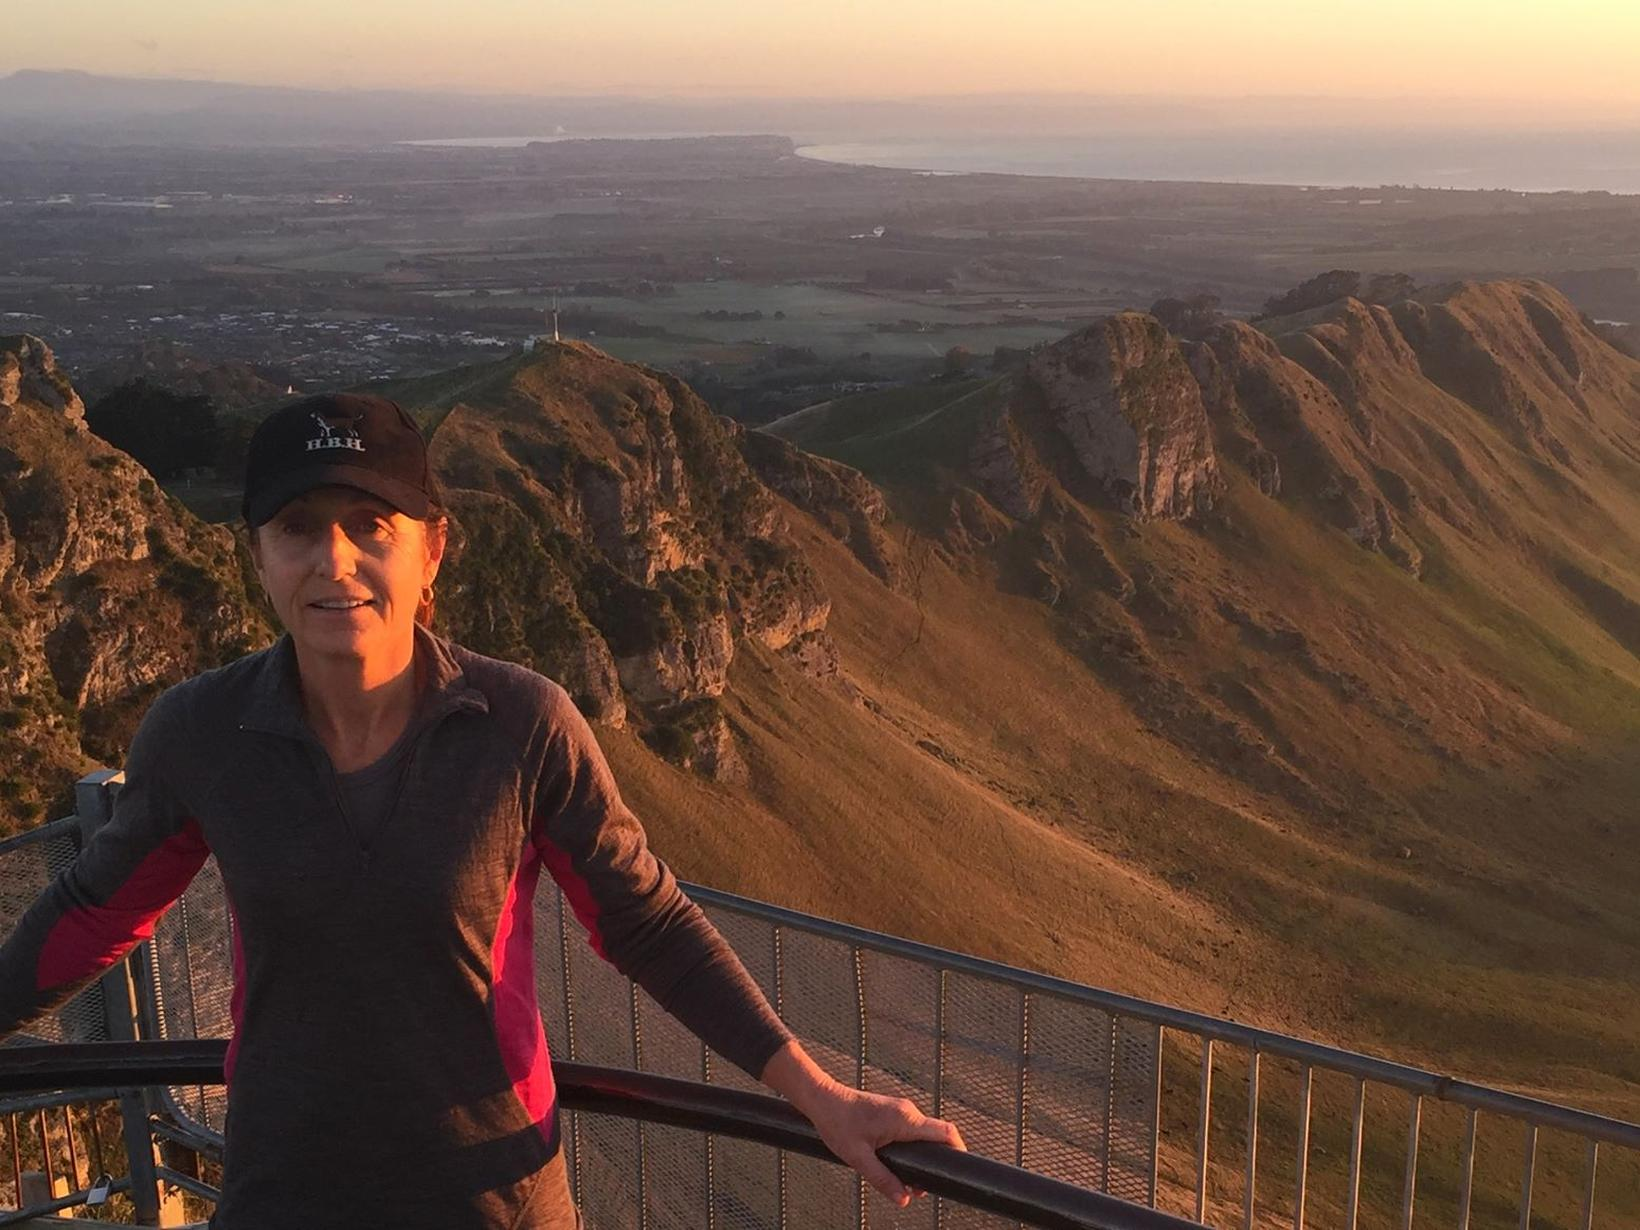 Sandra from Napier, New Zealand